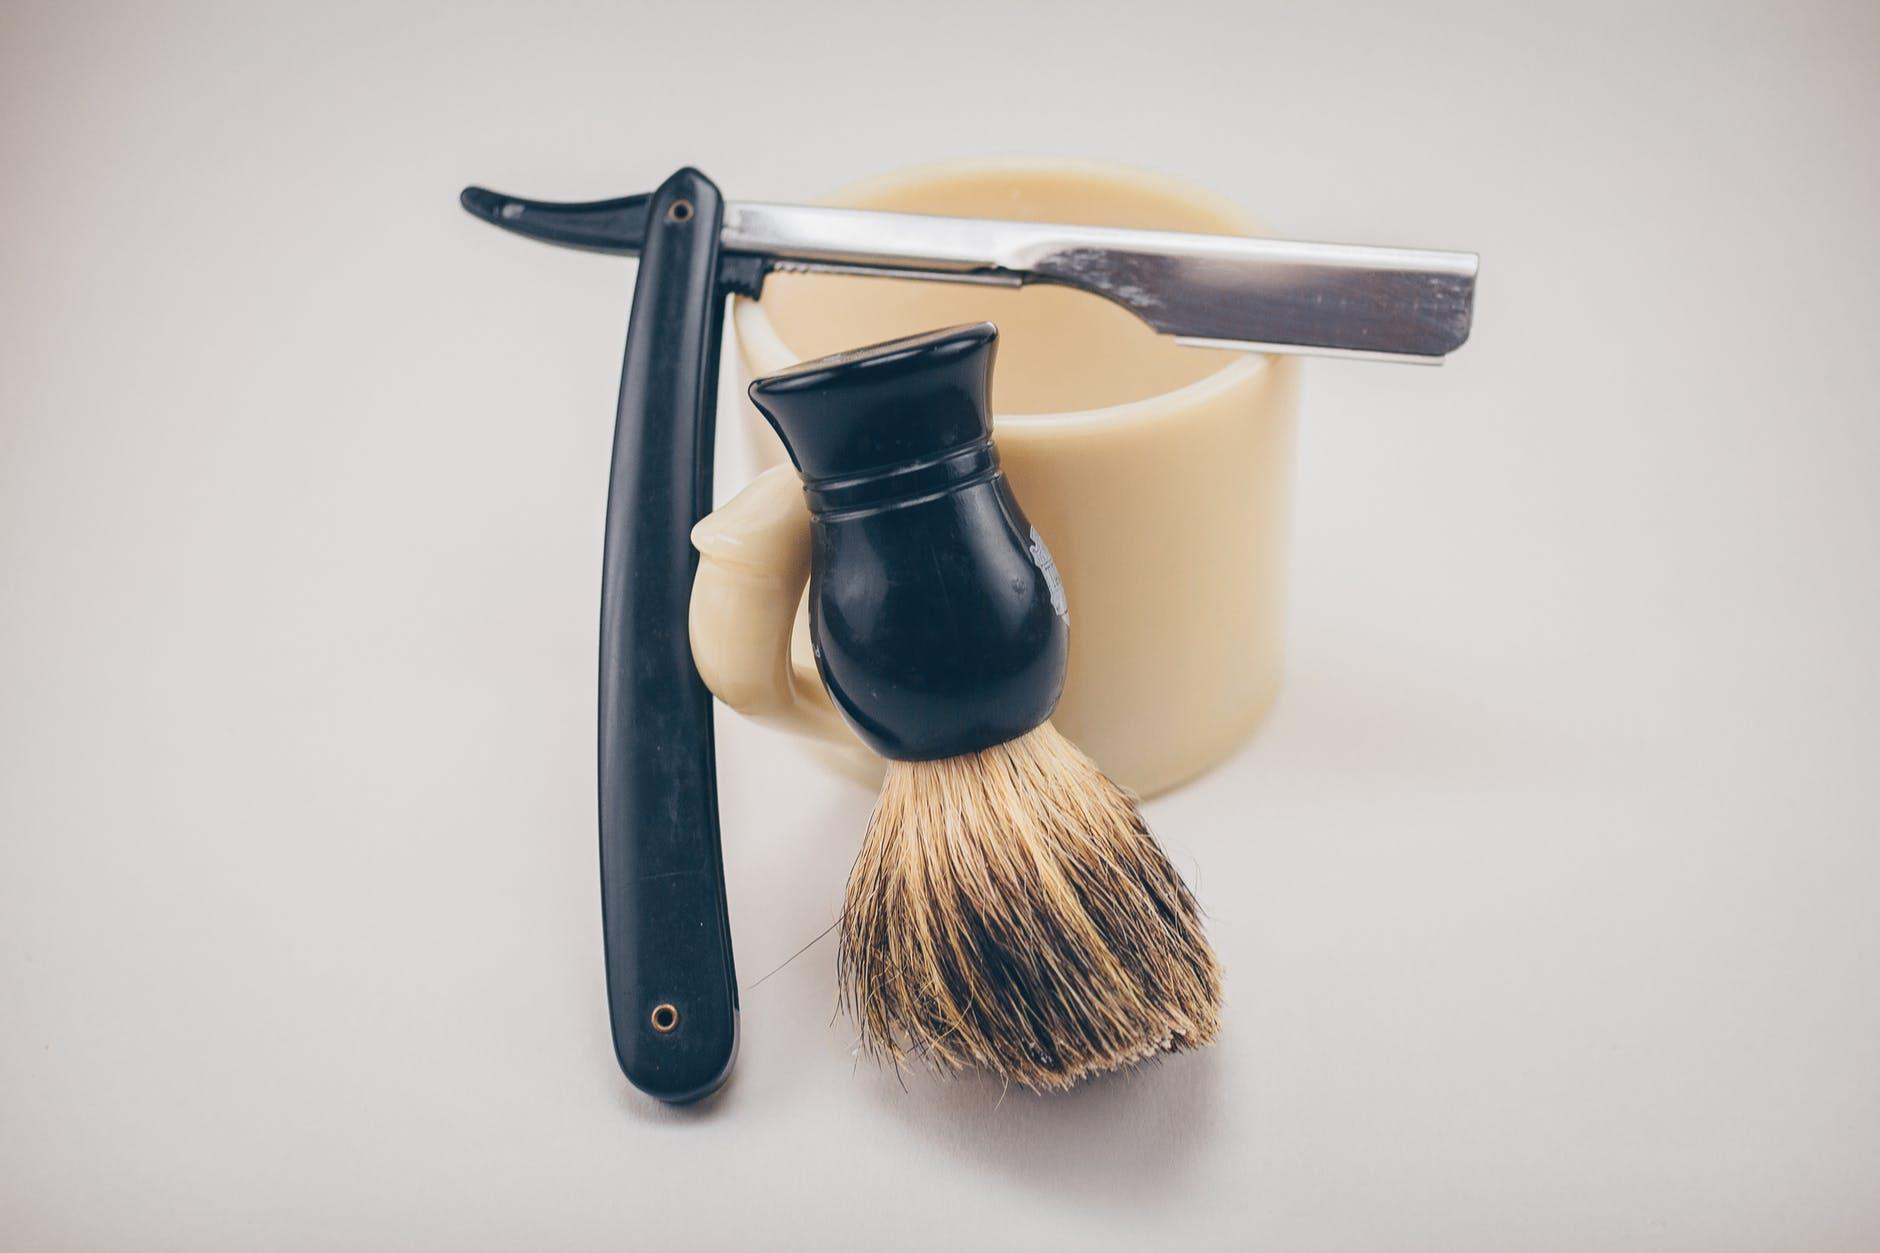 máy cạo râu thông thường